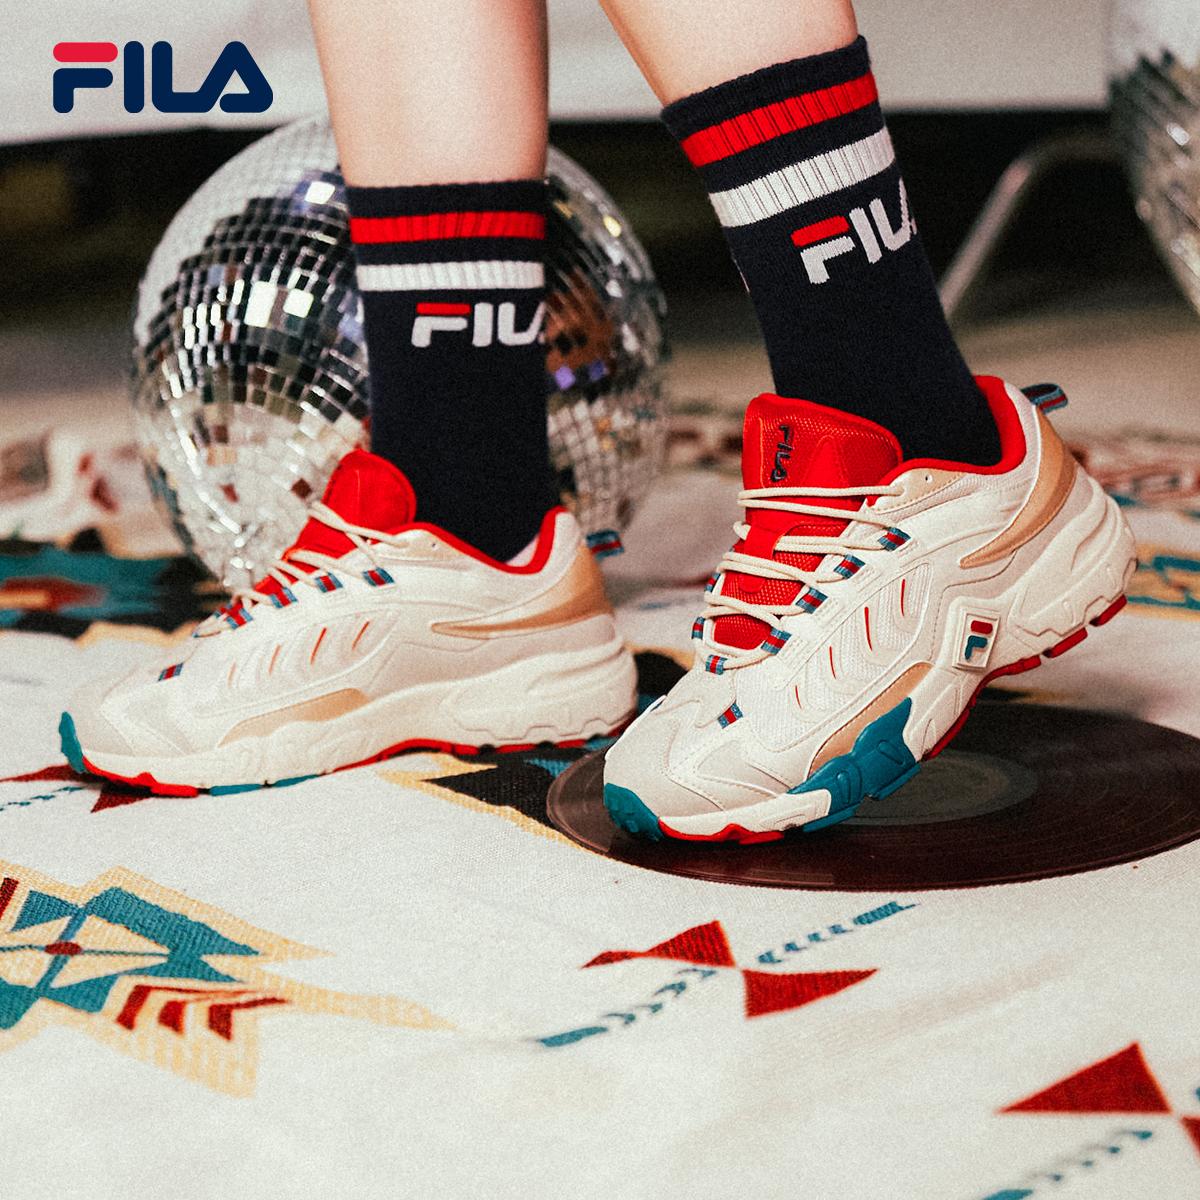 FILA 斐乐女鞋官方掠夺者老爹鞋�运动鞋休√闲鞋2020秋季新款旅游鞋